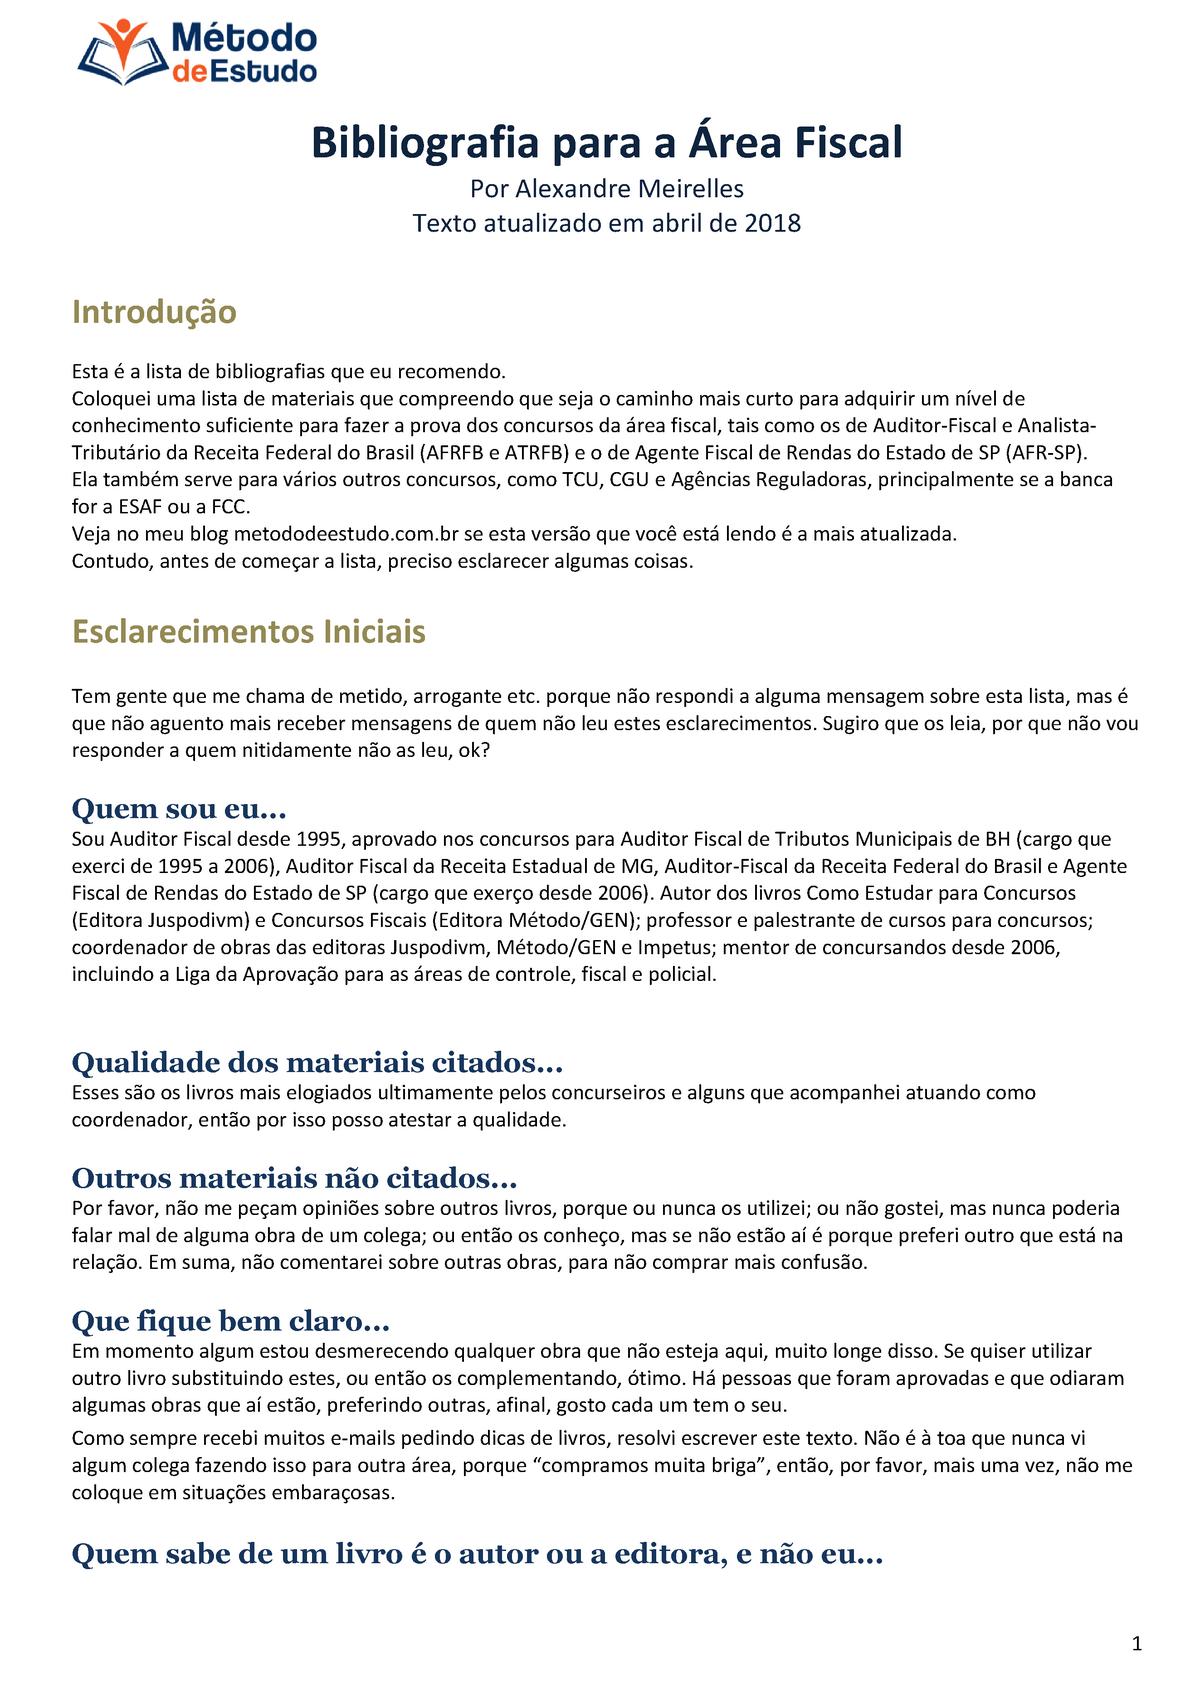 Bibliografia Area Fiscal Abr2018 Alexandre Meirelles Metodo